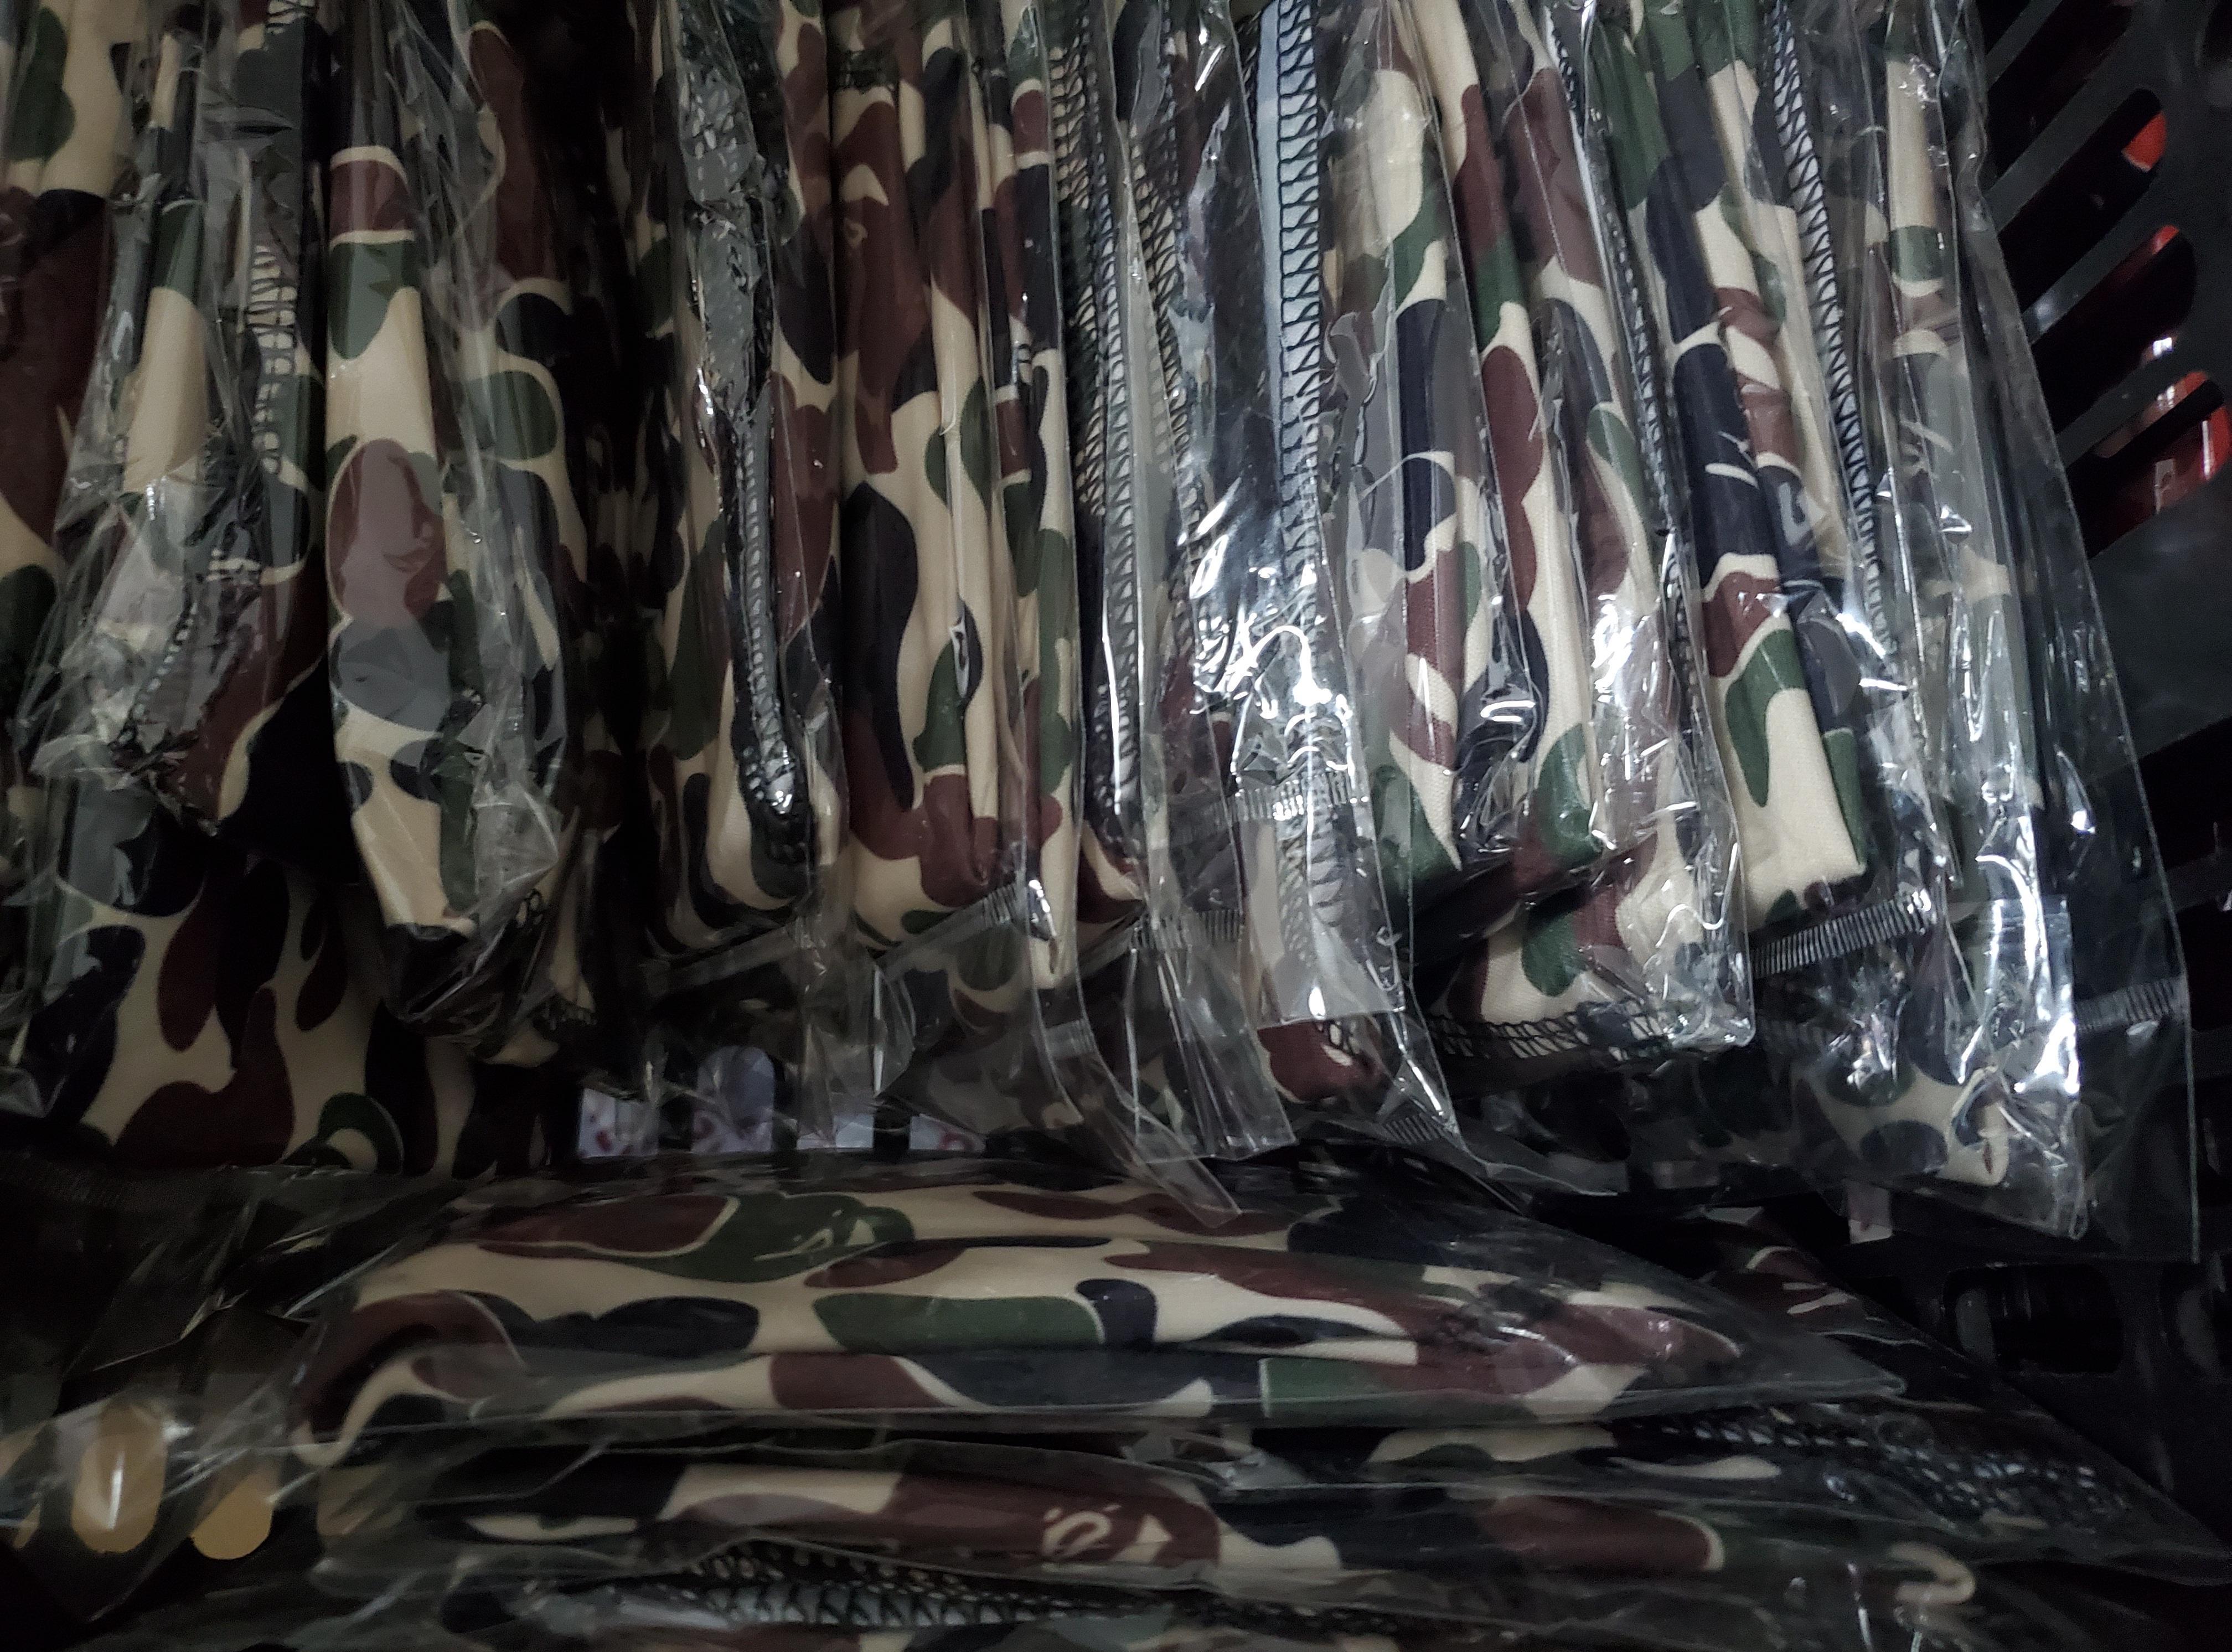 مصمم الأزياء Durags مخصص DRAG 40+ تصاميم أزياء حريري Durags طبعة أساسية ومحدودة، موجة حصرية c jllkae bde_jewelry